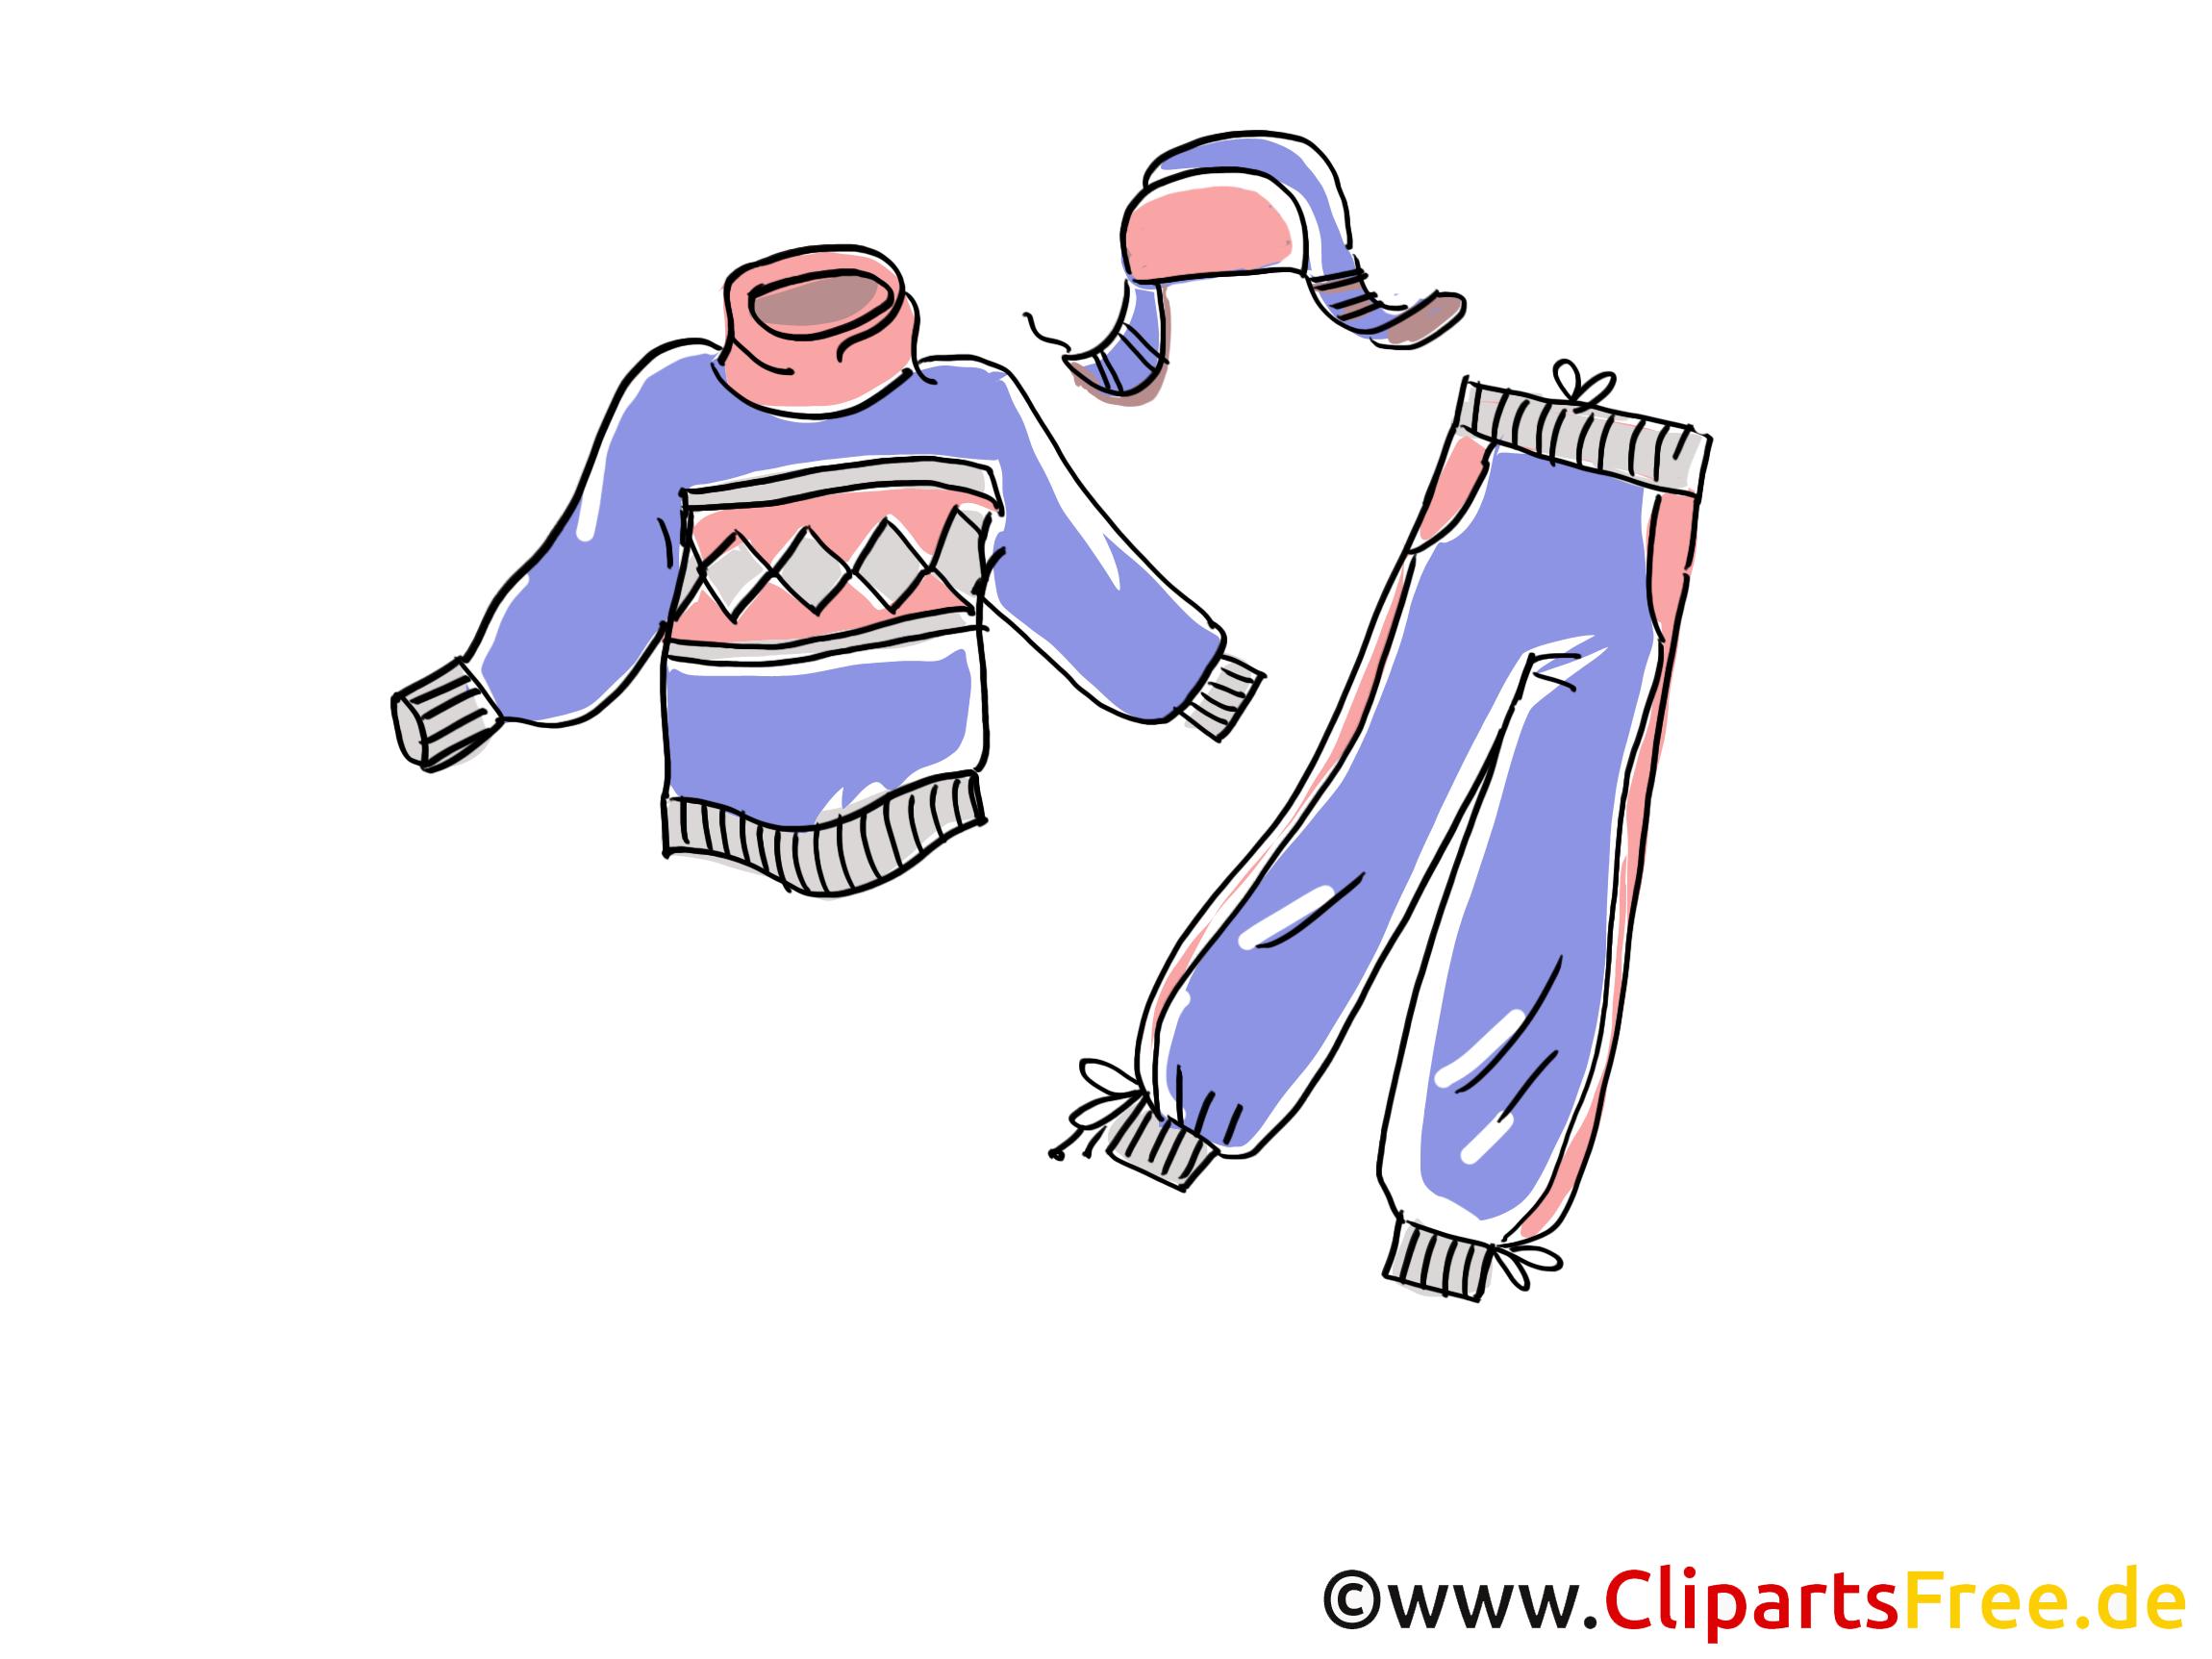 Vêtements illustration à télécharger gratuite